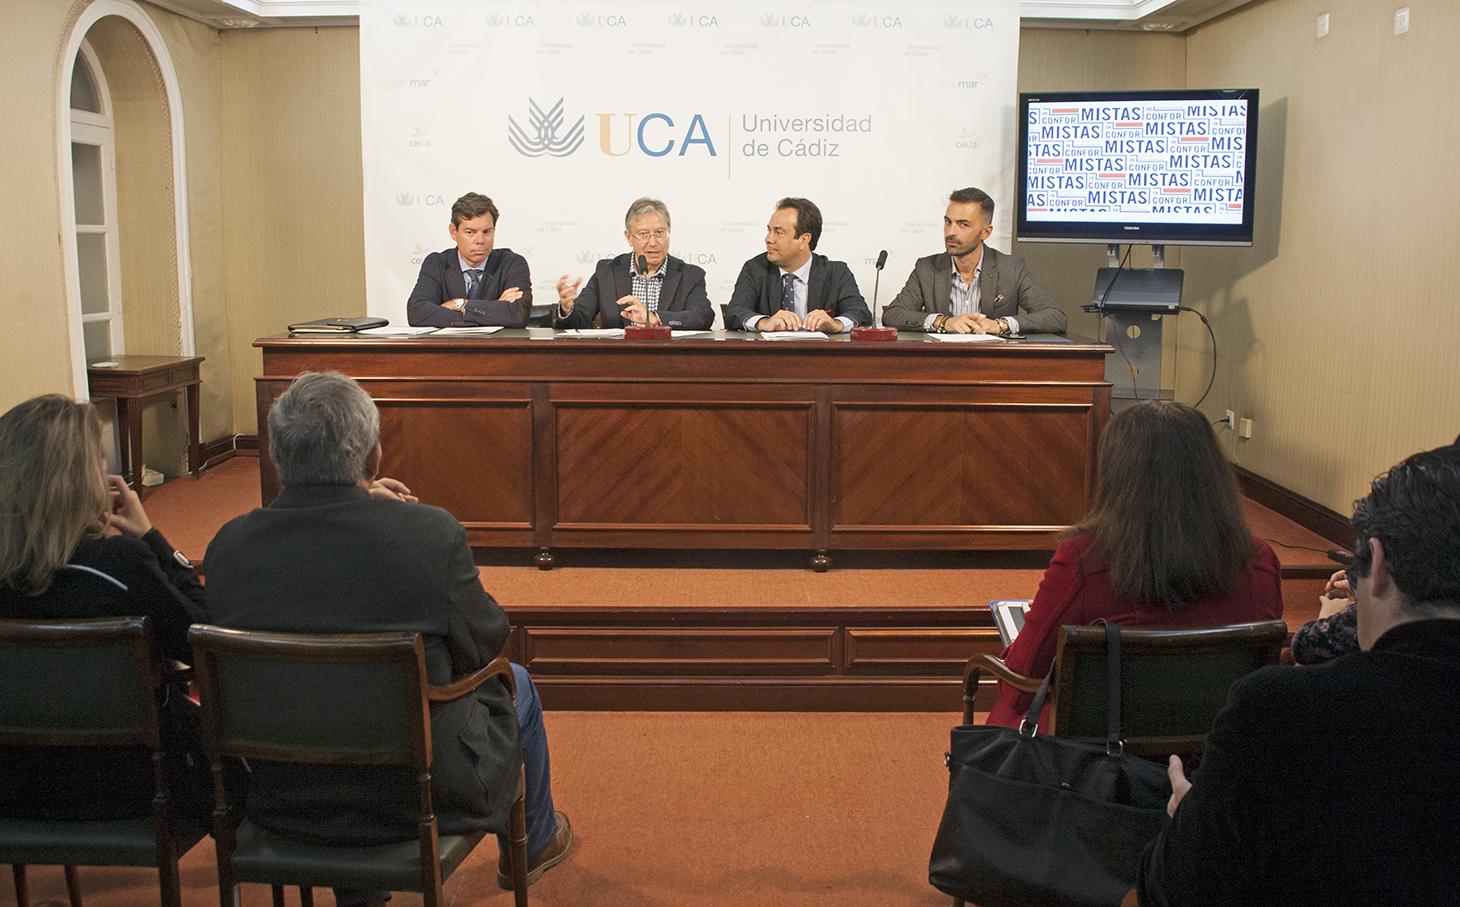 Presentación del proyecto inconformistas a los medios de comunicación, aparecen los representantes de la UCA y Ivan Llanza del Grupo Osborne.